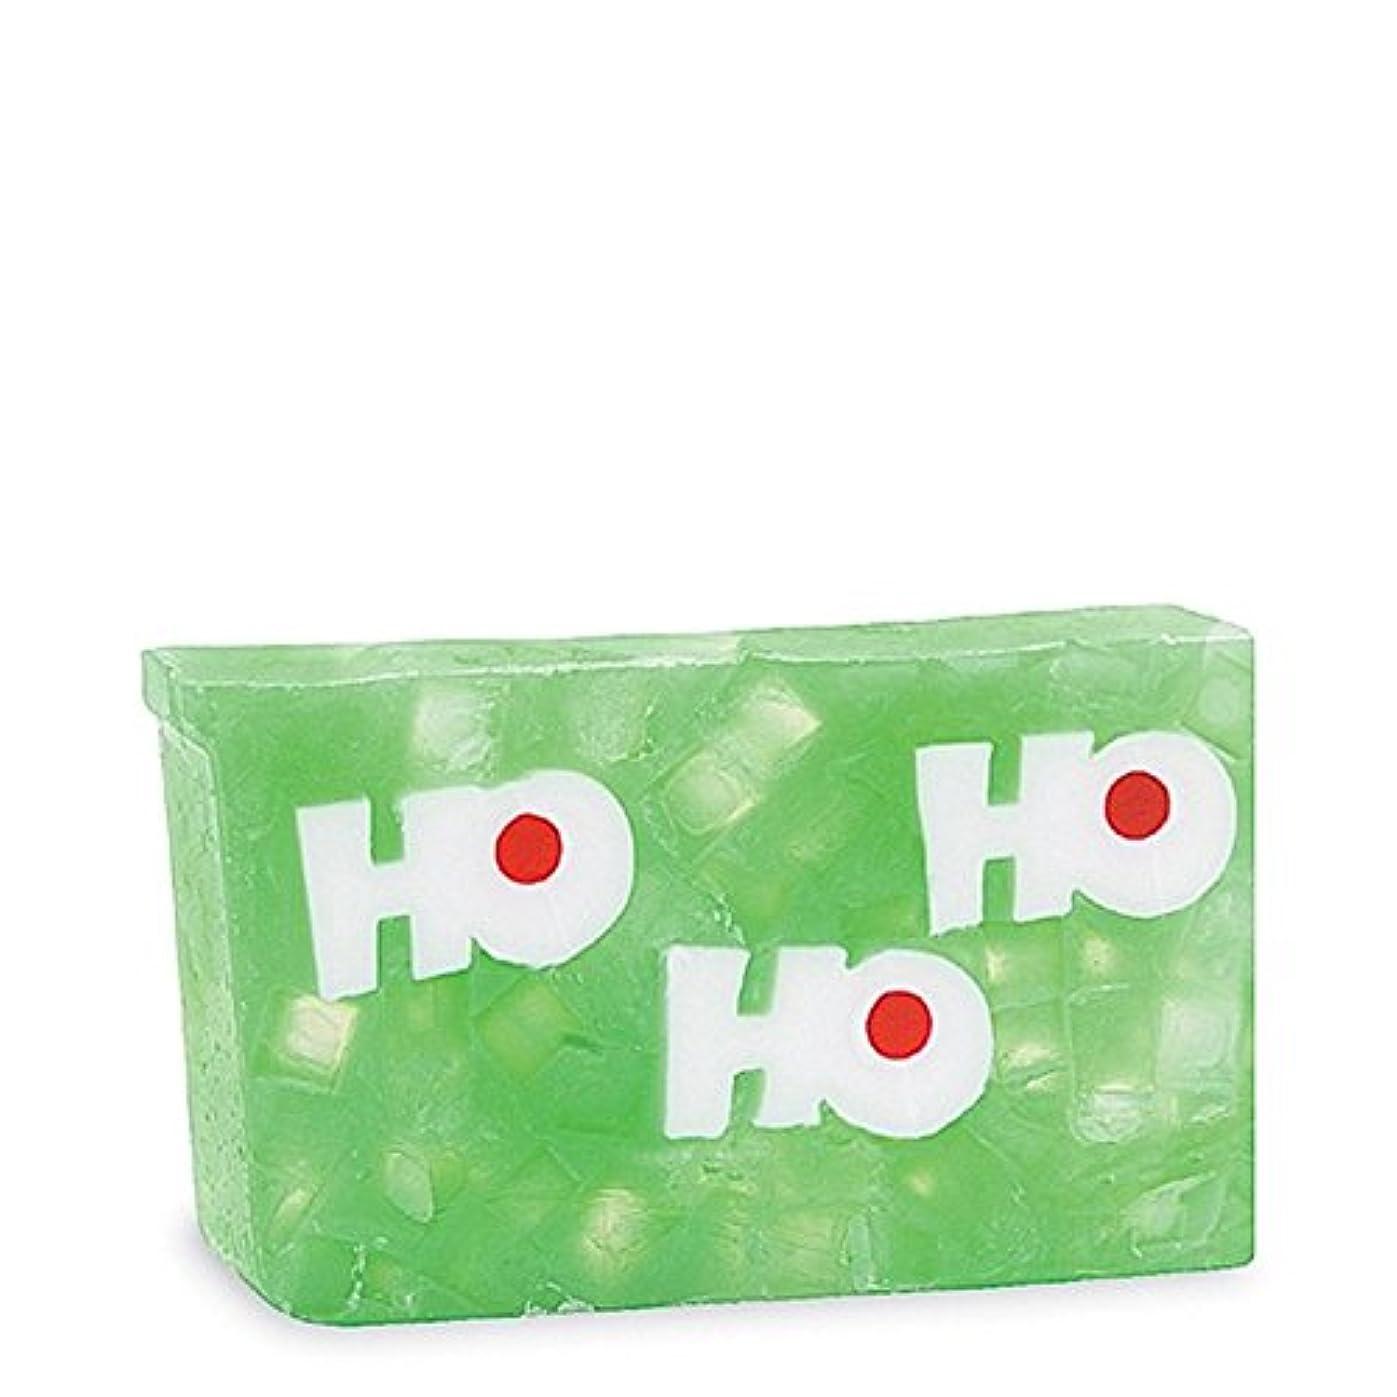 ライラック聖なる迫害するPrimal Elements Ho Ho Ho Soap - 原初の要素ホーホーホ石鹸 [並行輸入品]